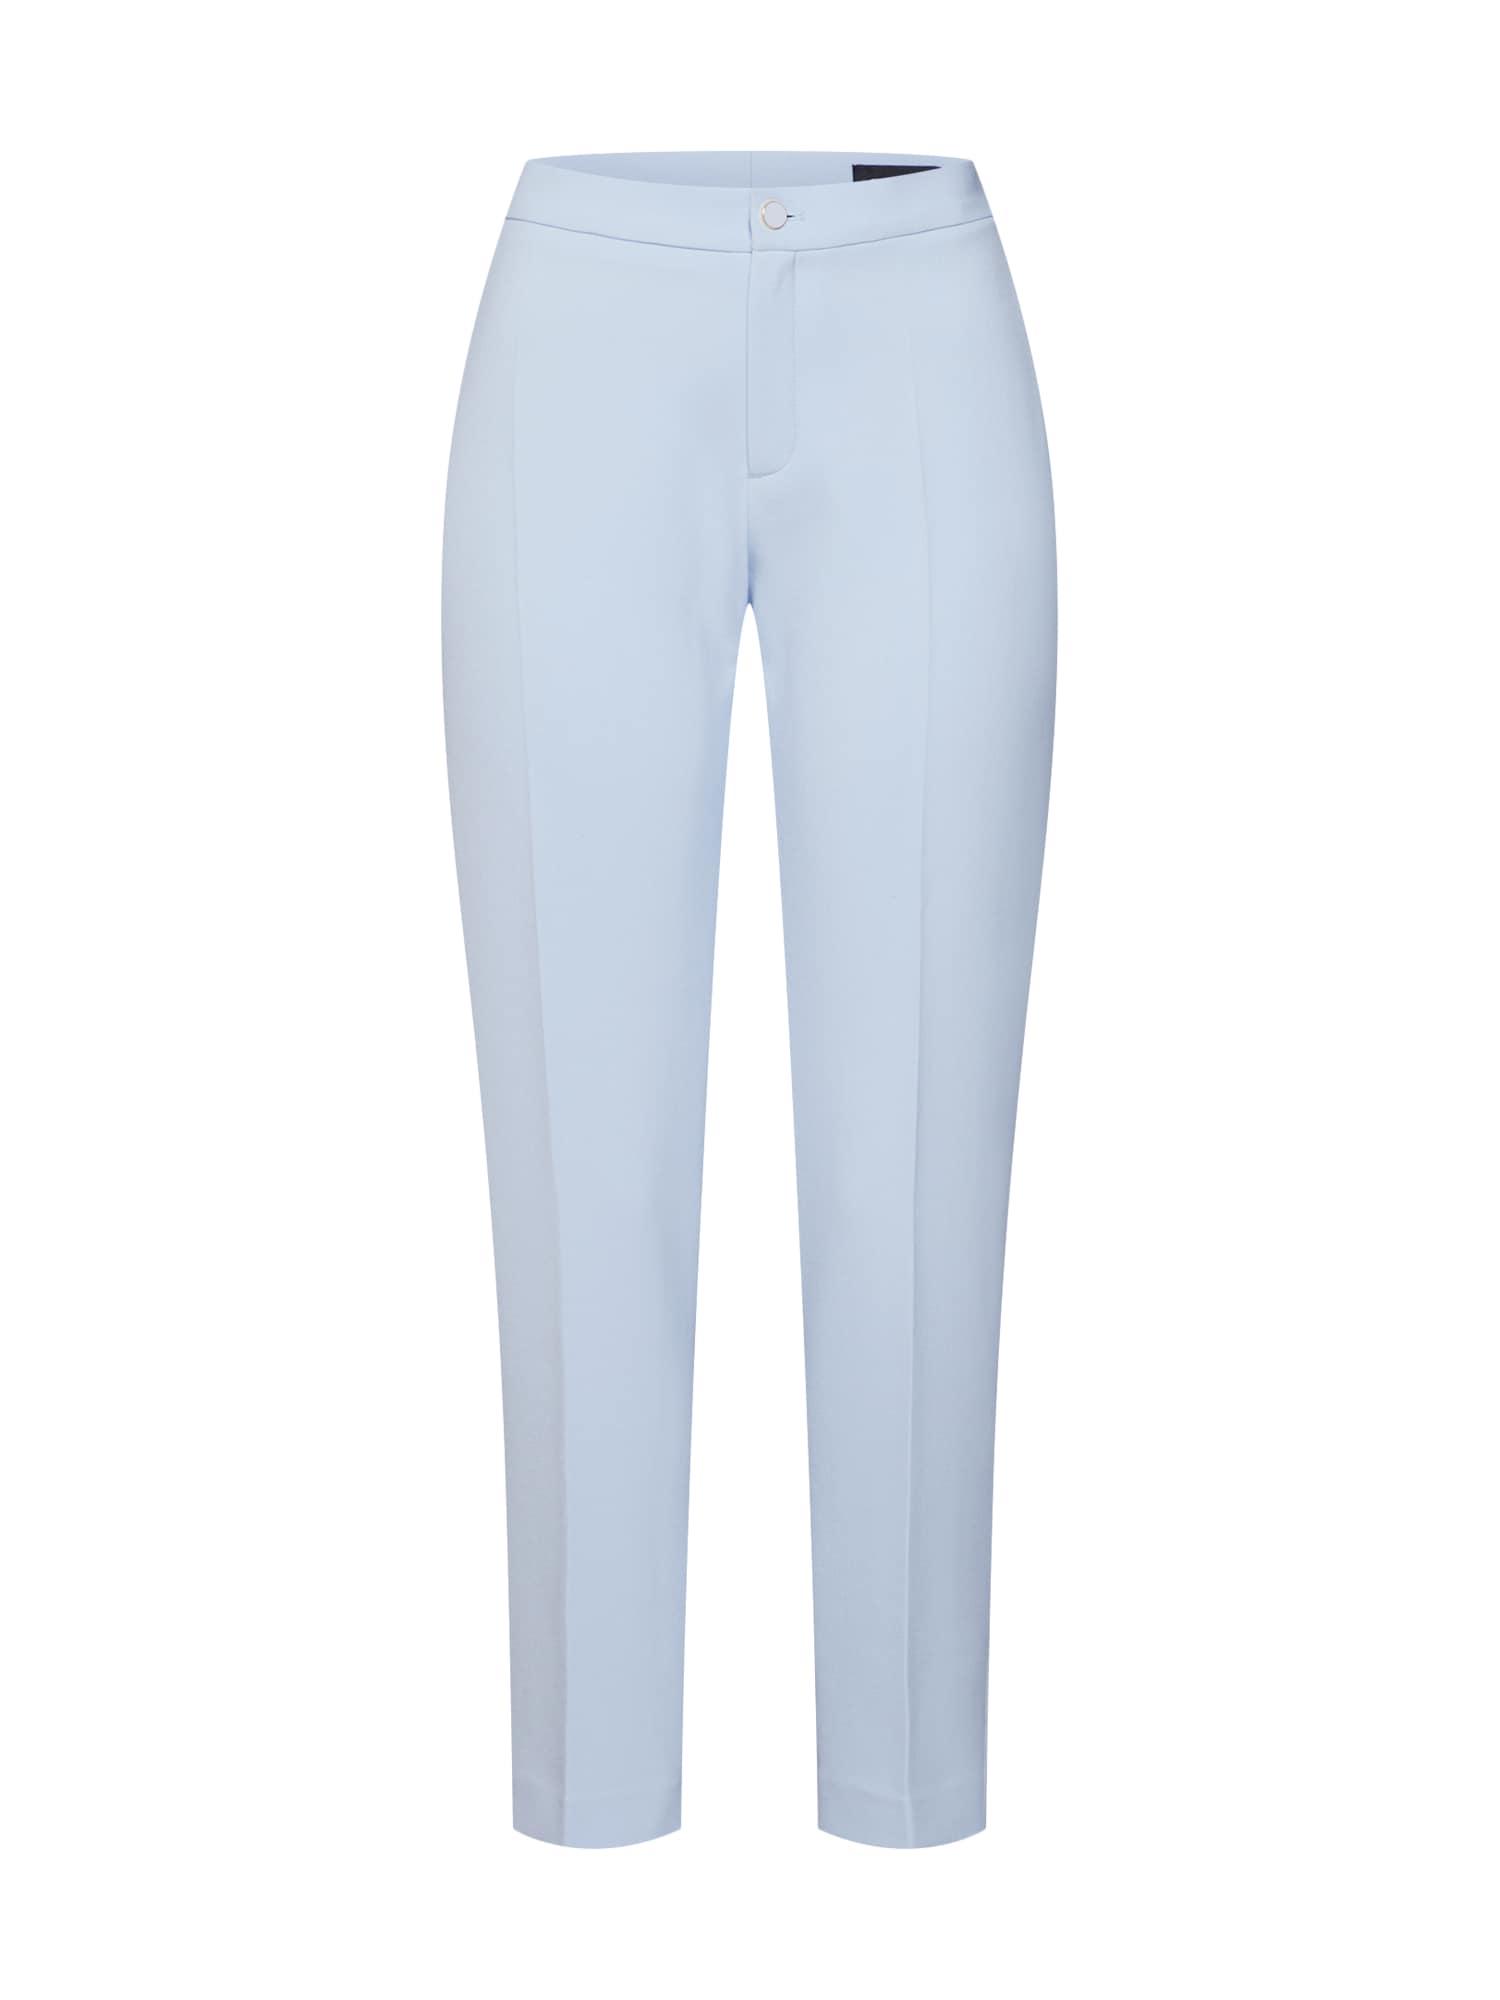 Kalhoty s puky Dori 3 Ankle světlemodrá SAND COPENHAGEN